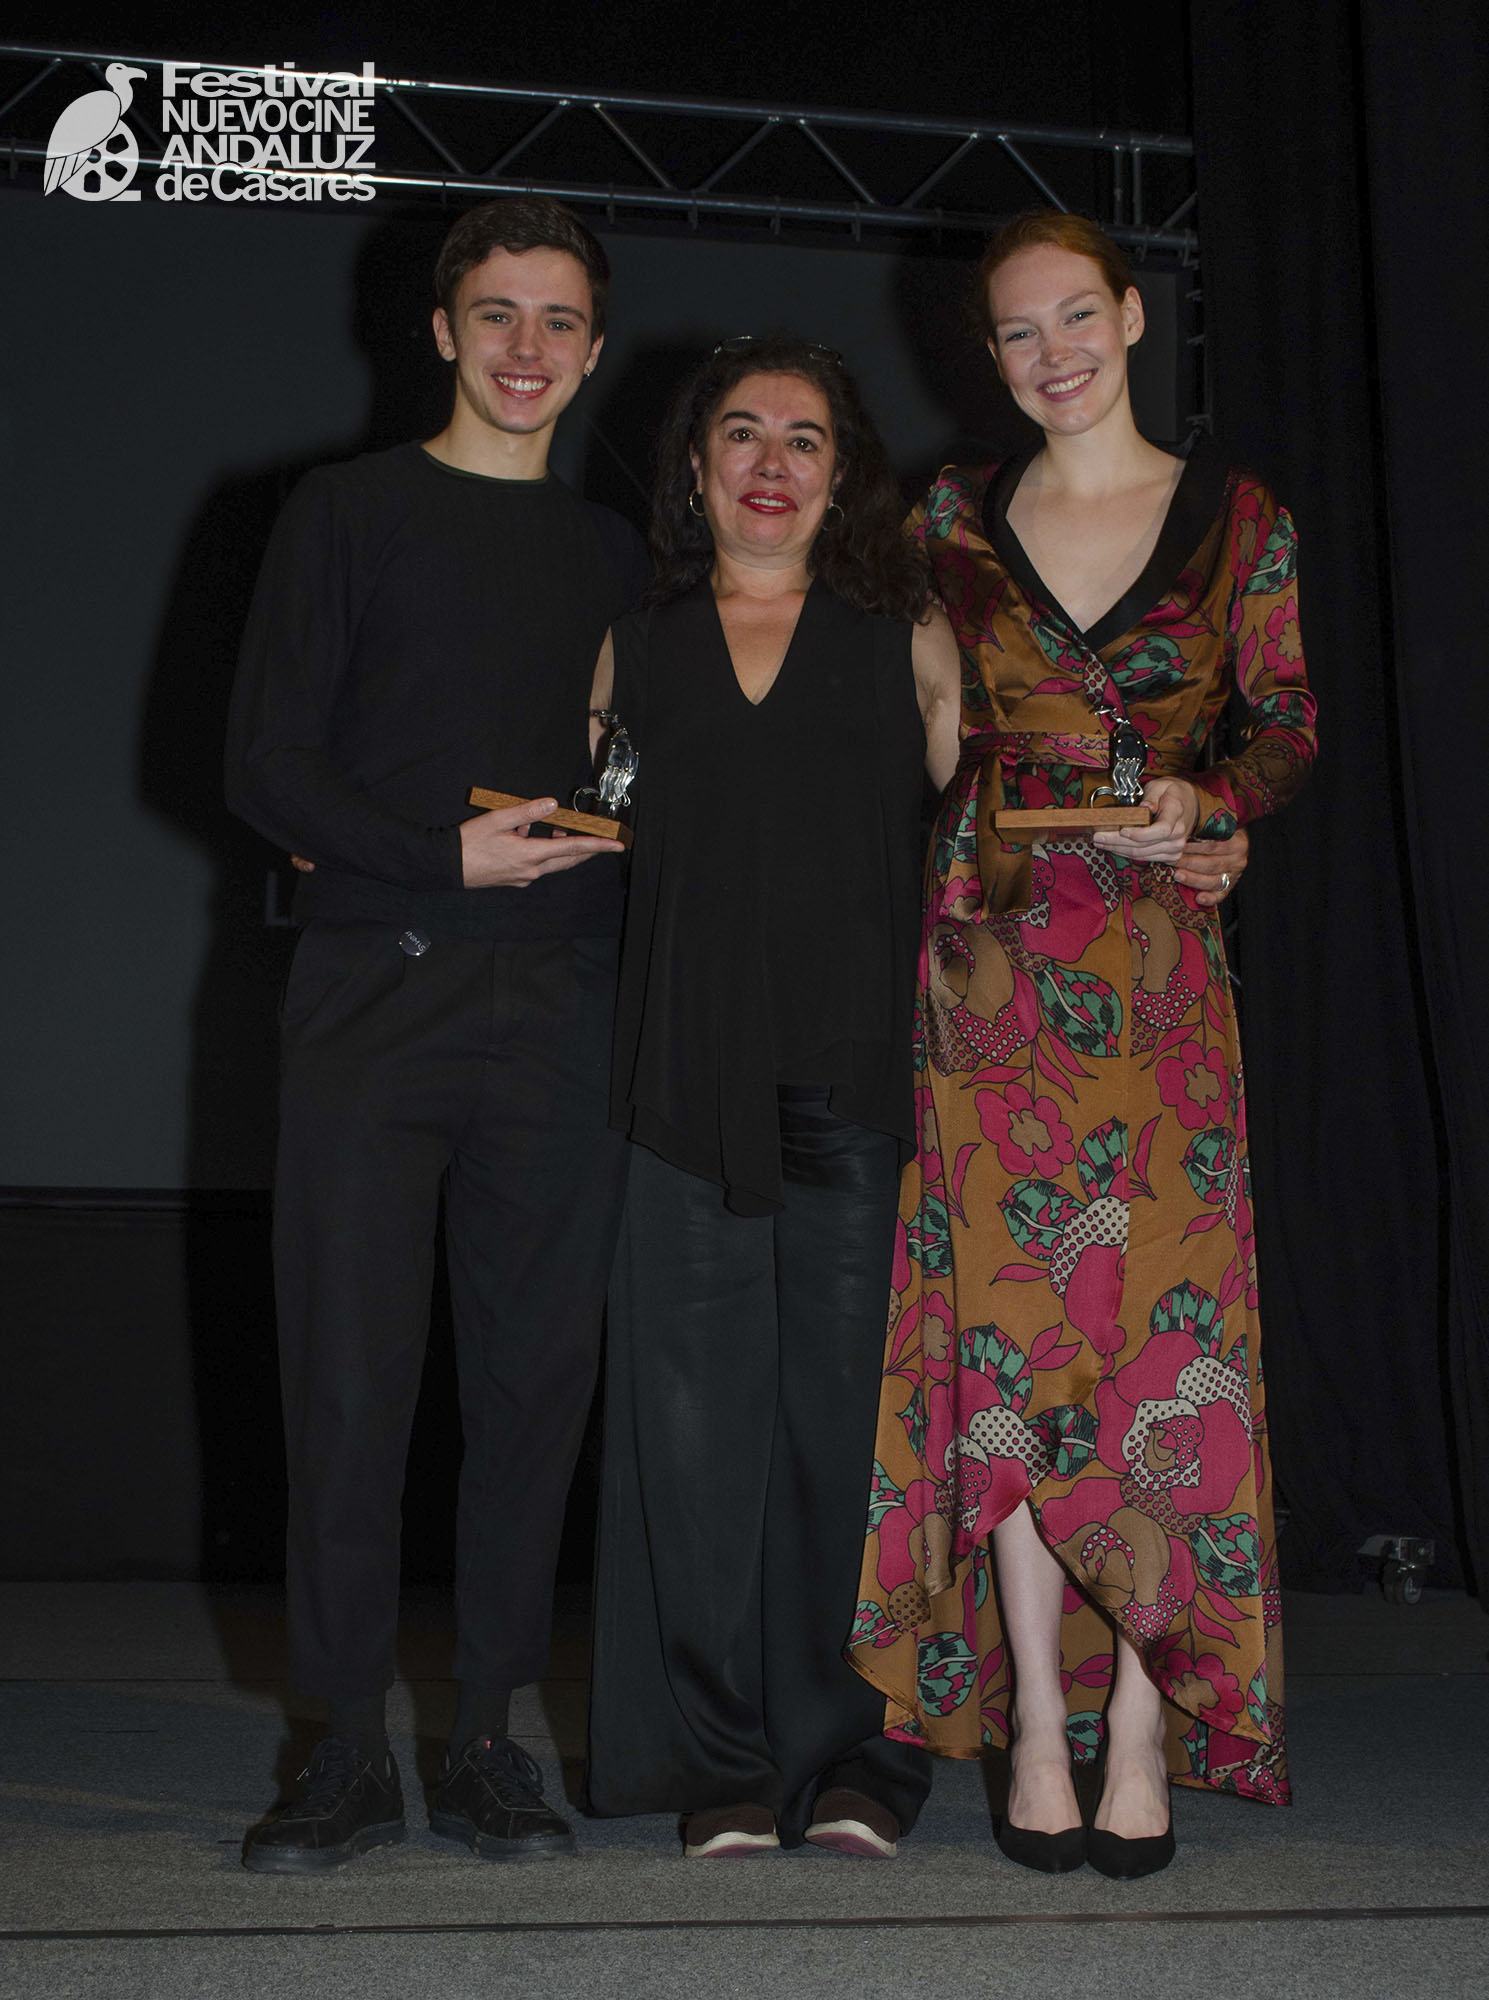 Iván Pellicer, Chus Gutiérrez y Clare Durant